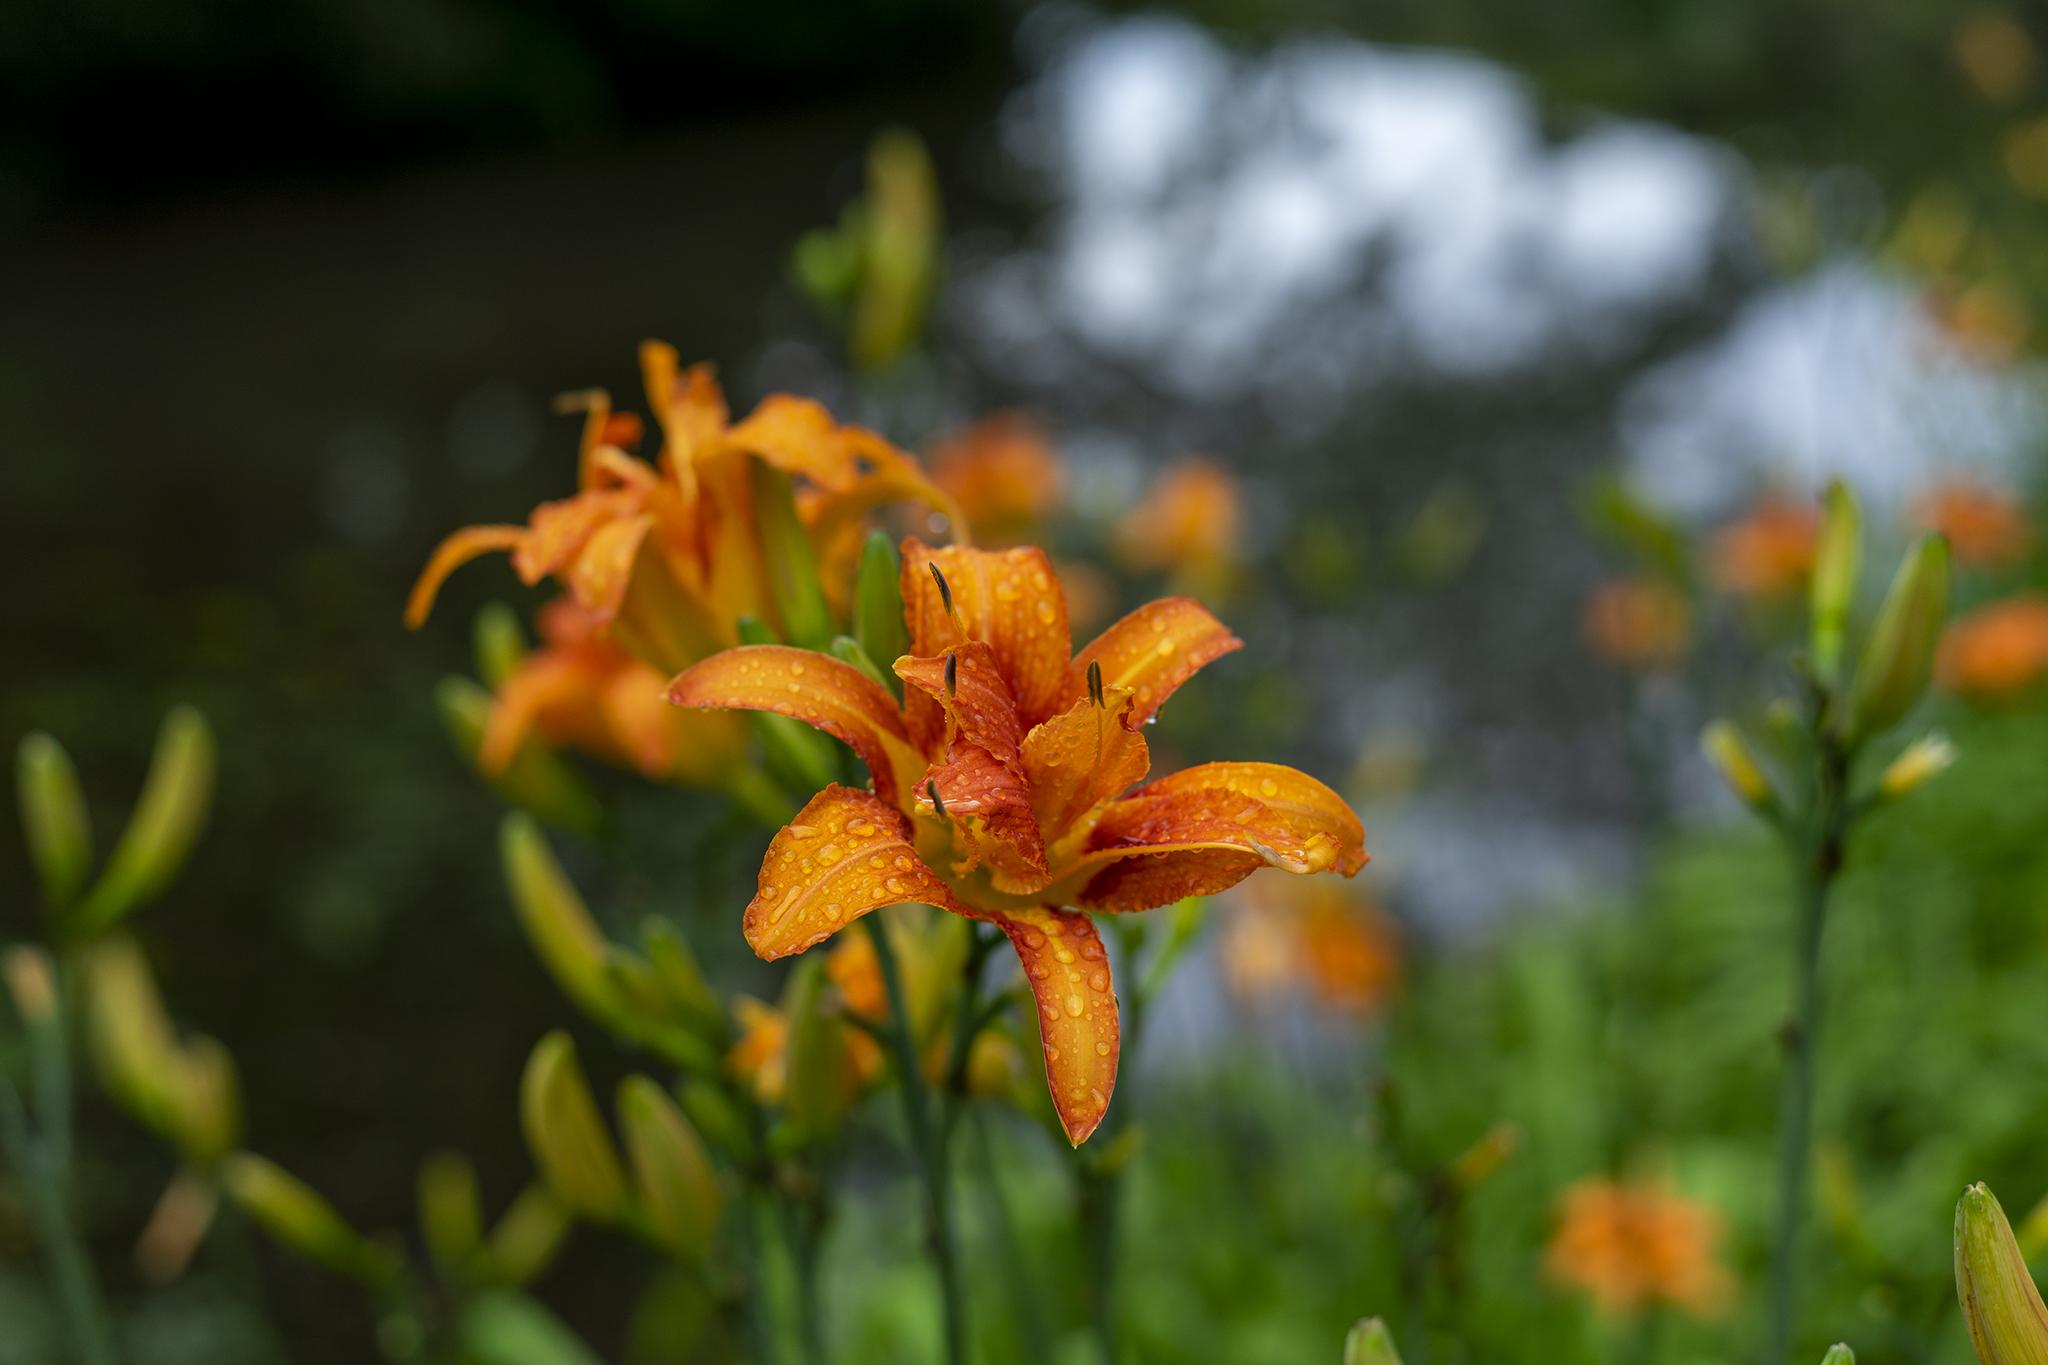 栗林公園で単焦点50mmスナップ写真を撮る。【ZEISS Loxia 2/50】